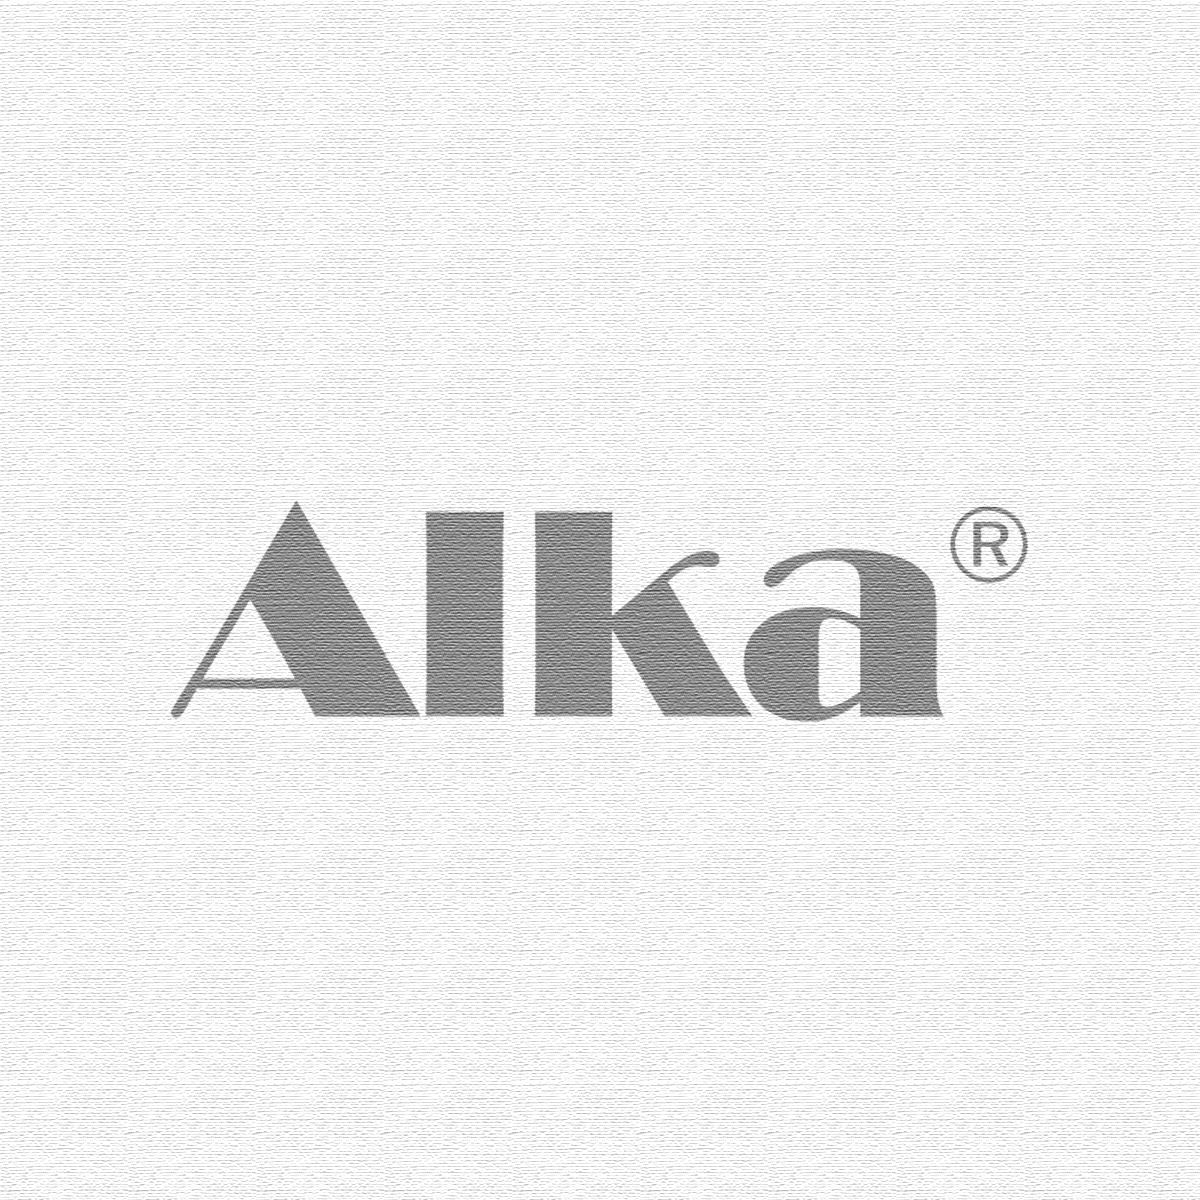 Starterspakket voor ontzuren van het lichaam - AlkaVitae producten met korting kopen